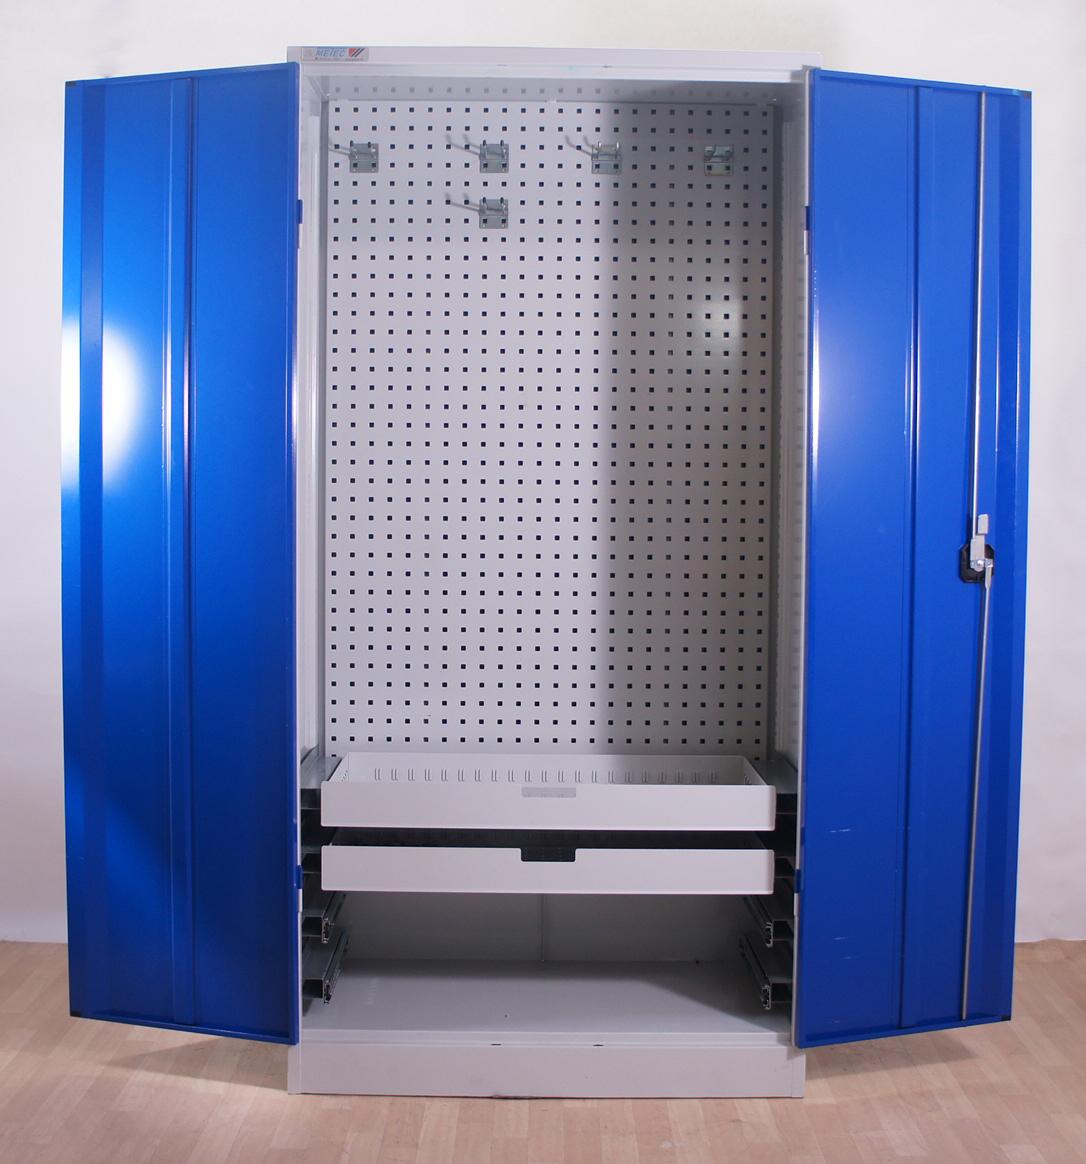 metec gedore schrank werkzeugschrank stahlschrank 4 schubladen 190 cm hoch ebay. Black Bedroom Furniture Sets. Home Design Ideas